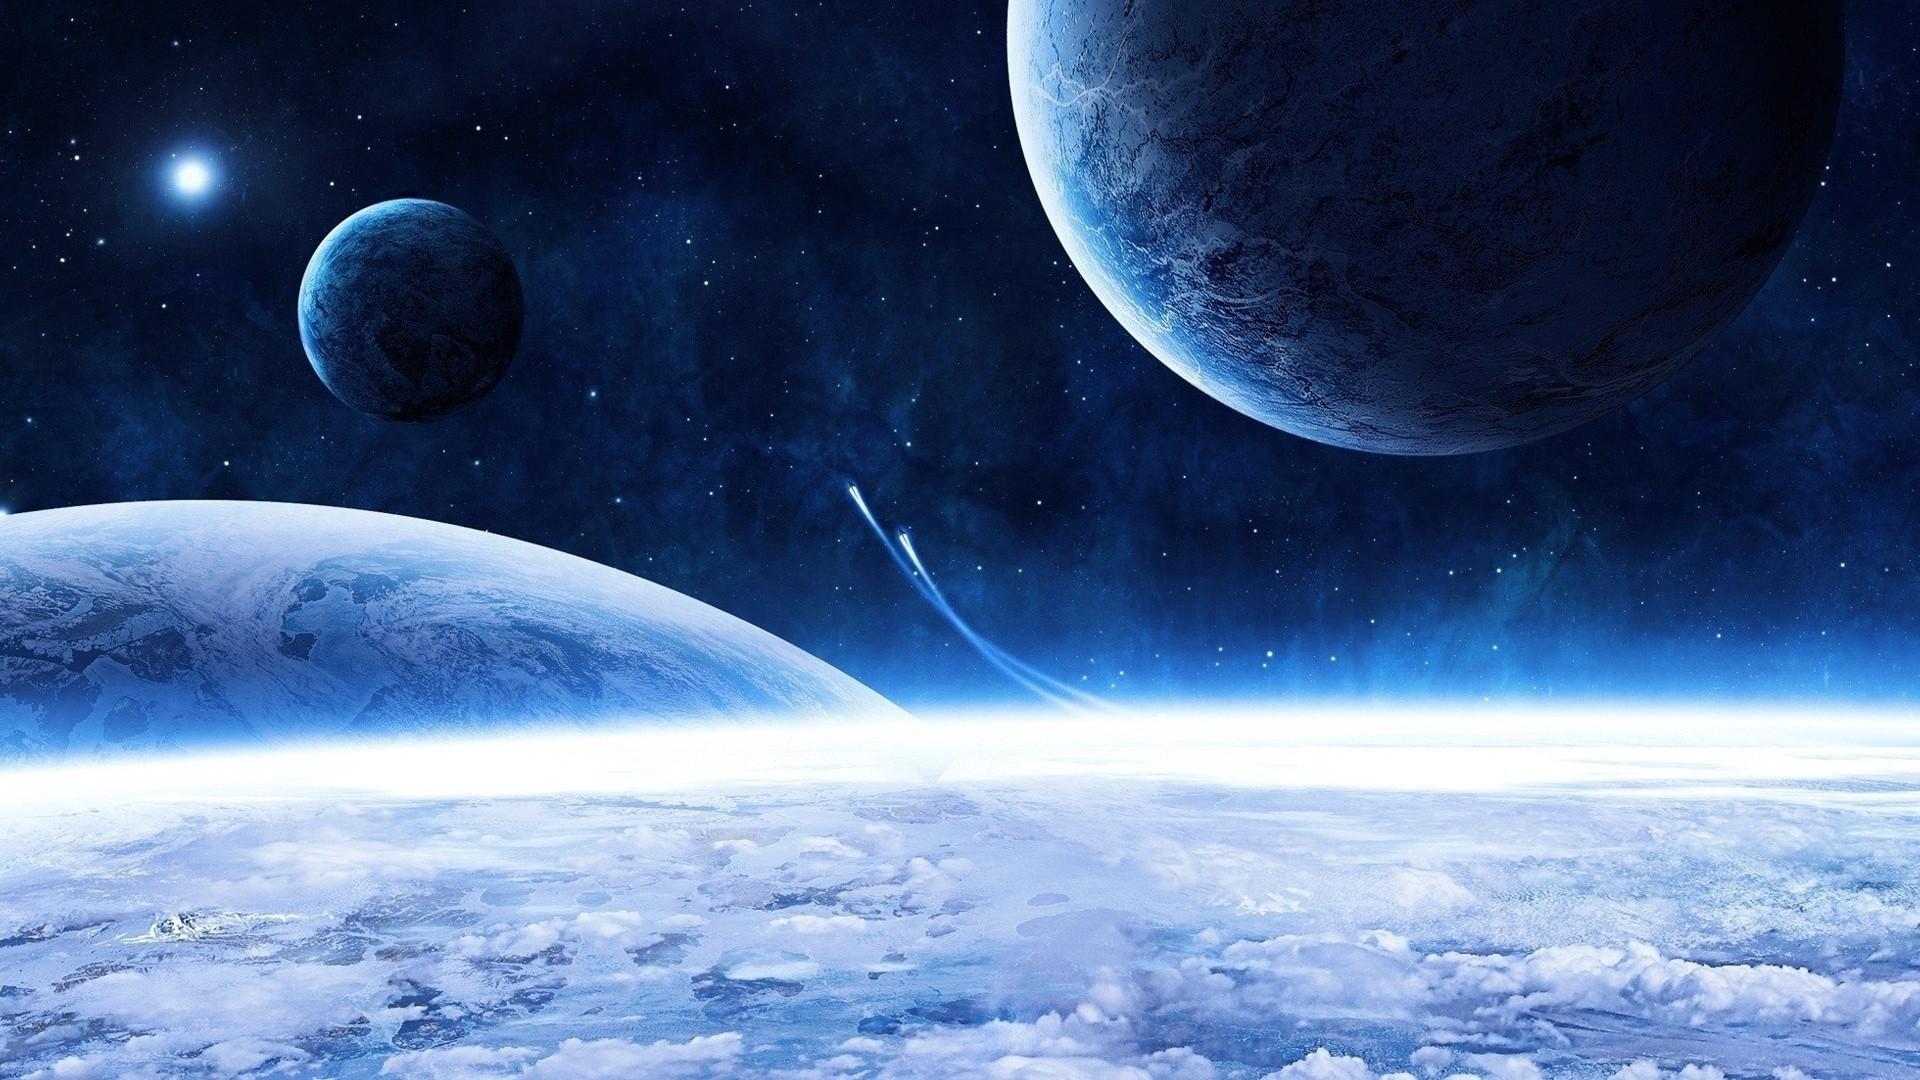 красивые картинки космоса на рабочий зритель